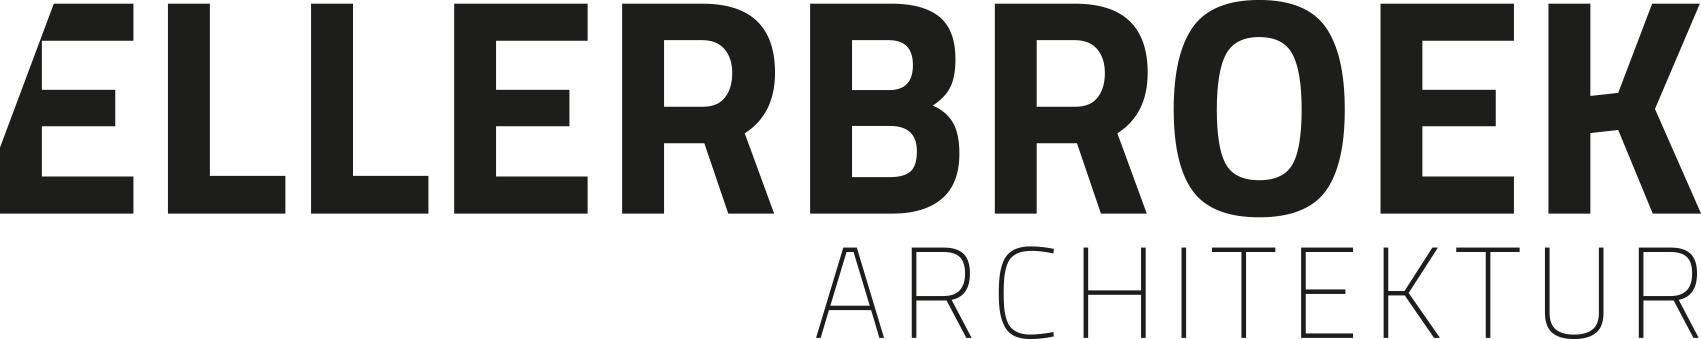 Ellerbroek Architekturbüro Achern